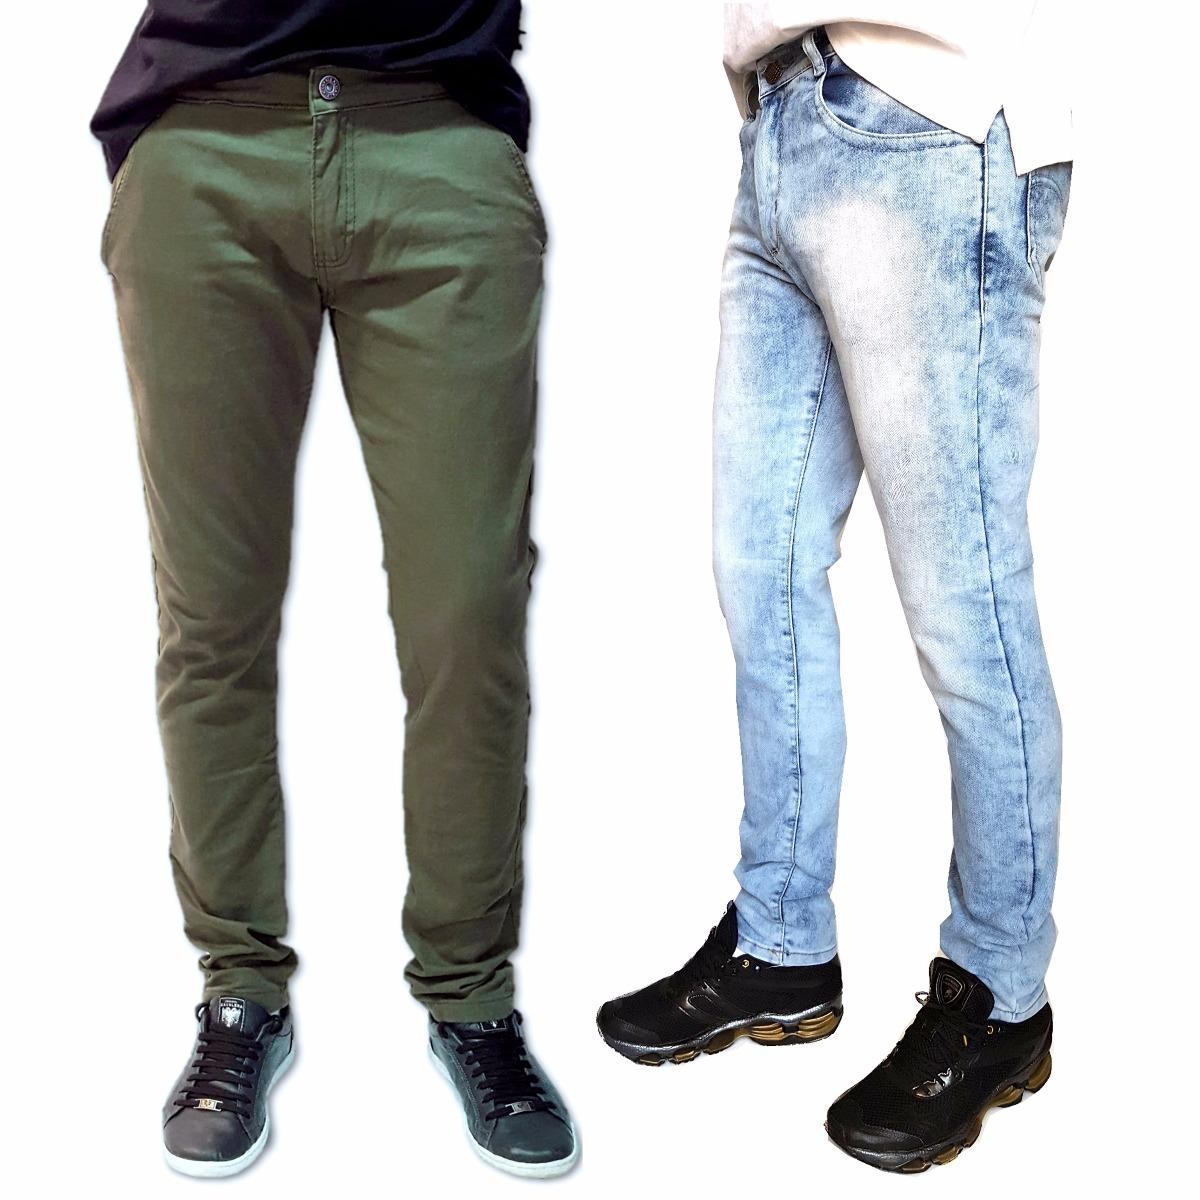 99b2bfd8e kit 2 calça masculina skinny lycra verde e agua oferta. Carregando zoom.